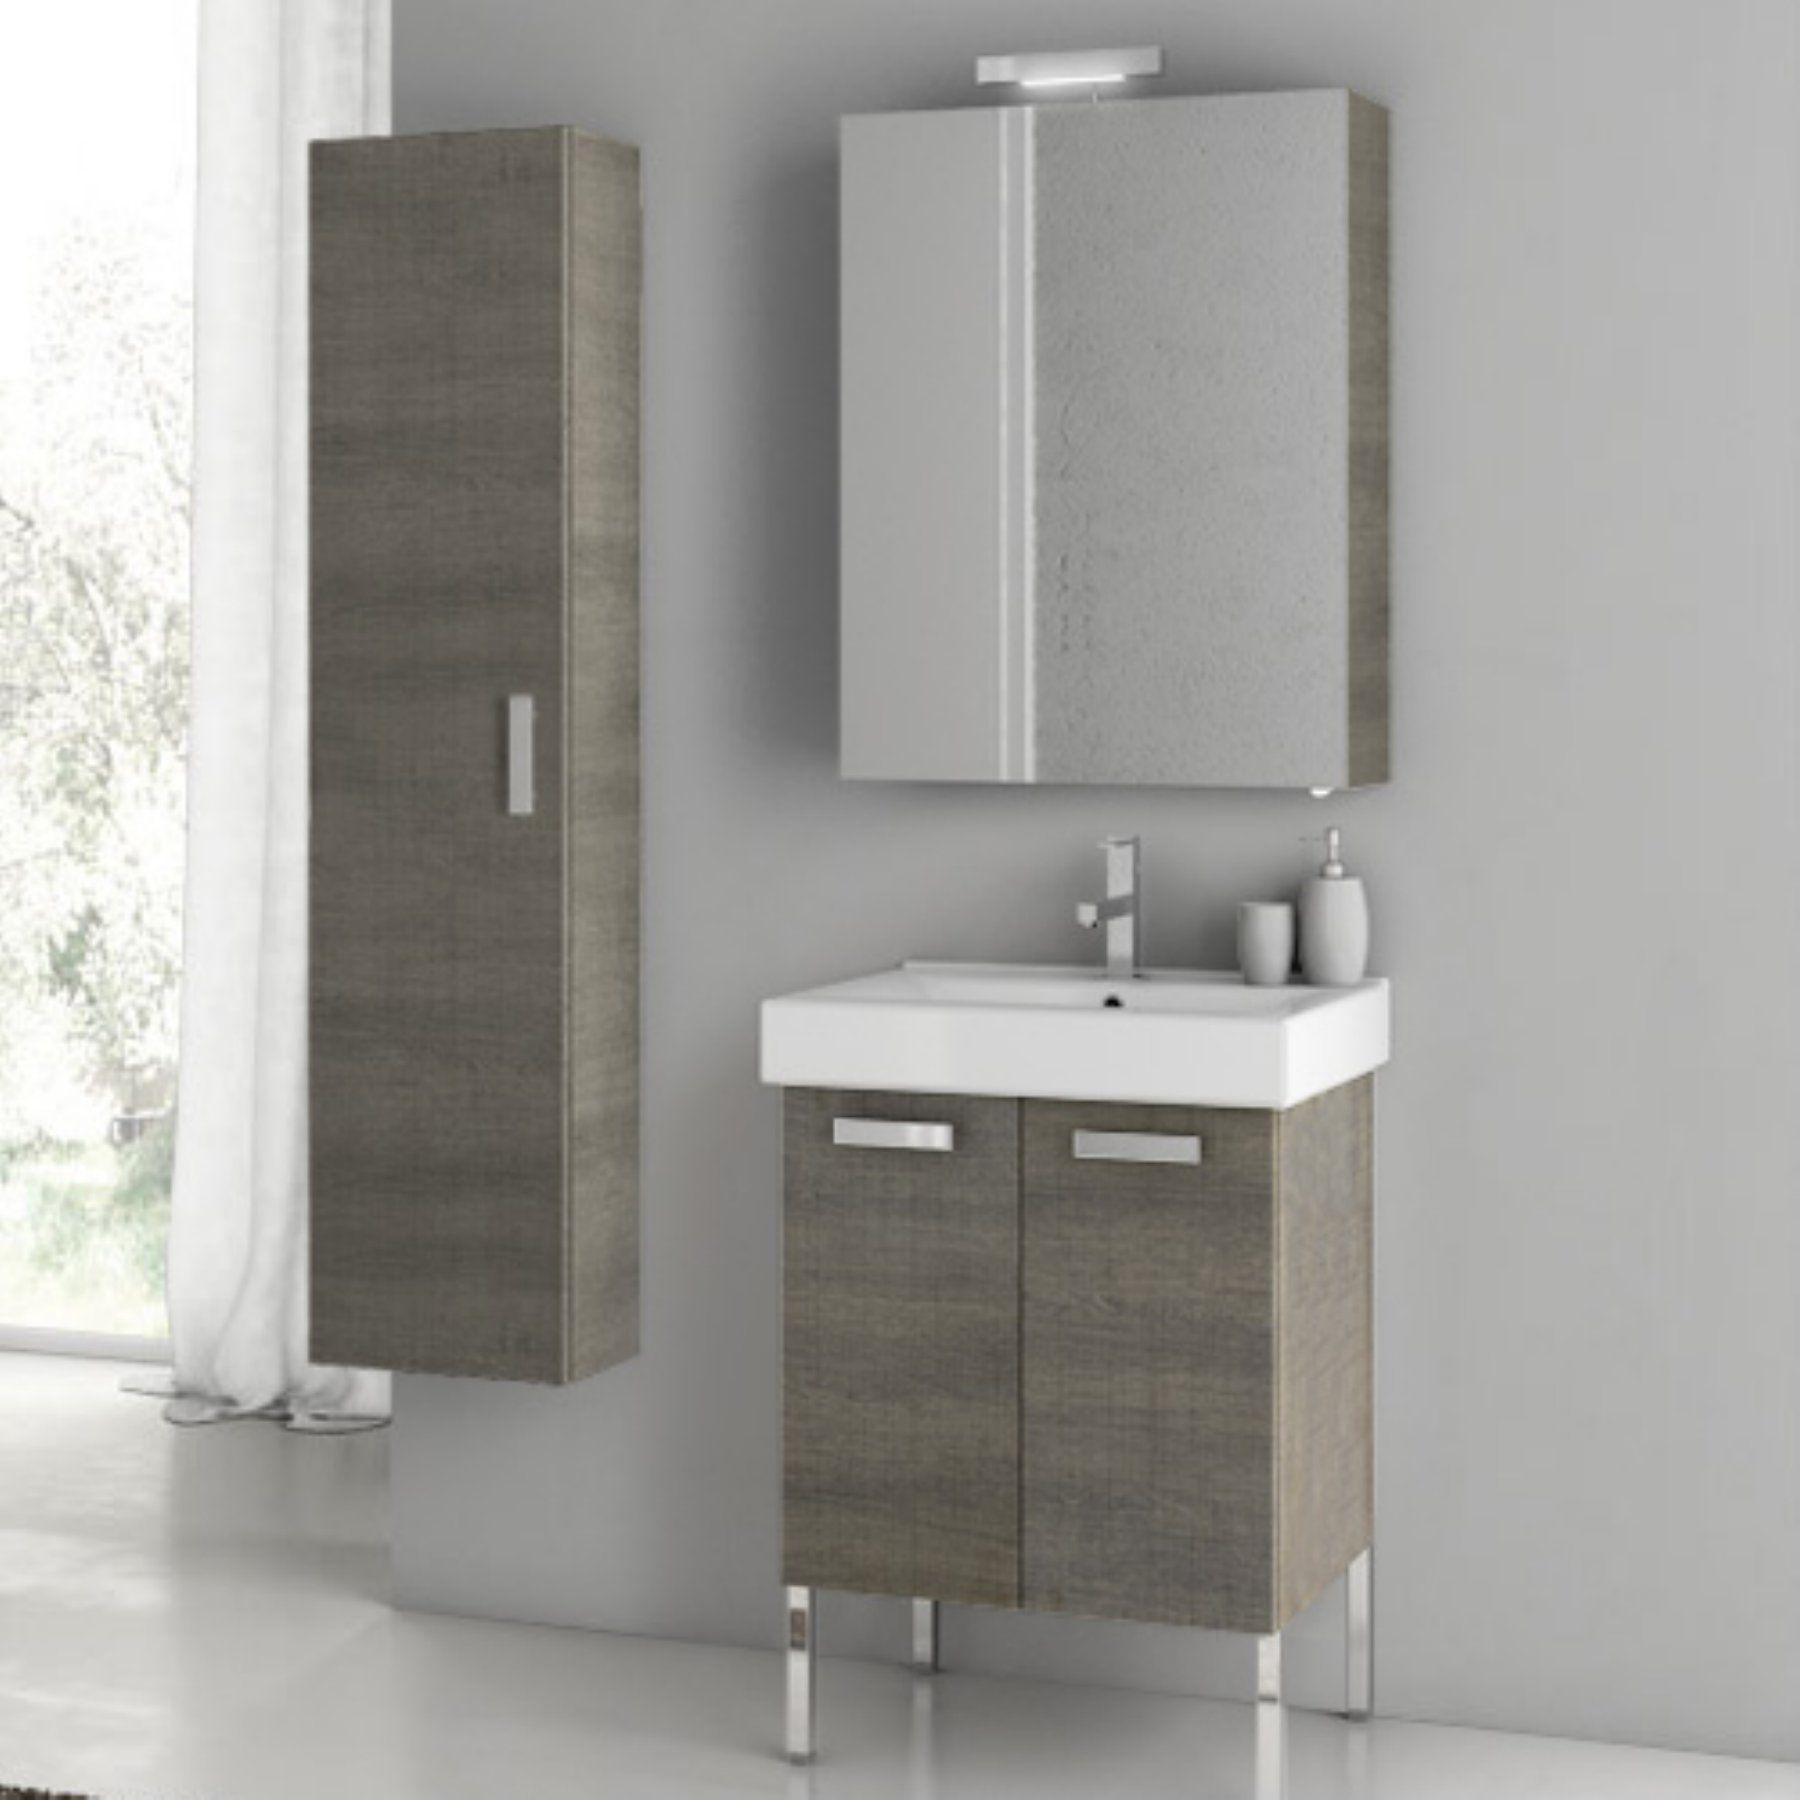 Acf By Nameeks Acf C12 Go Cubical 22 In Single Bathroom Vanity